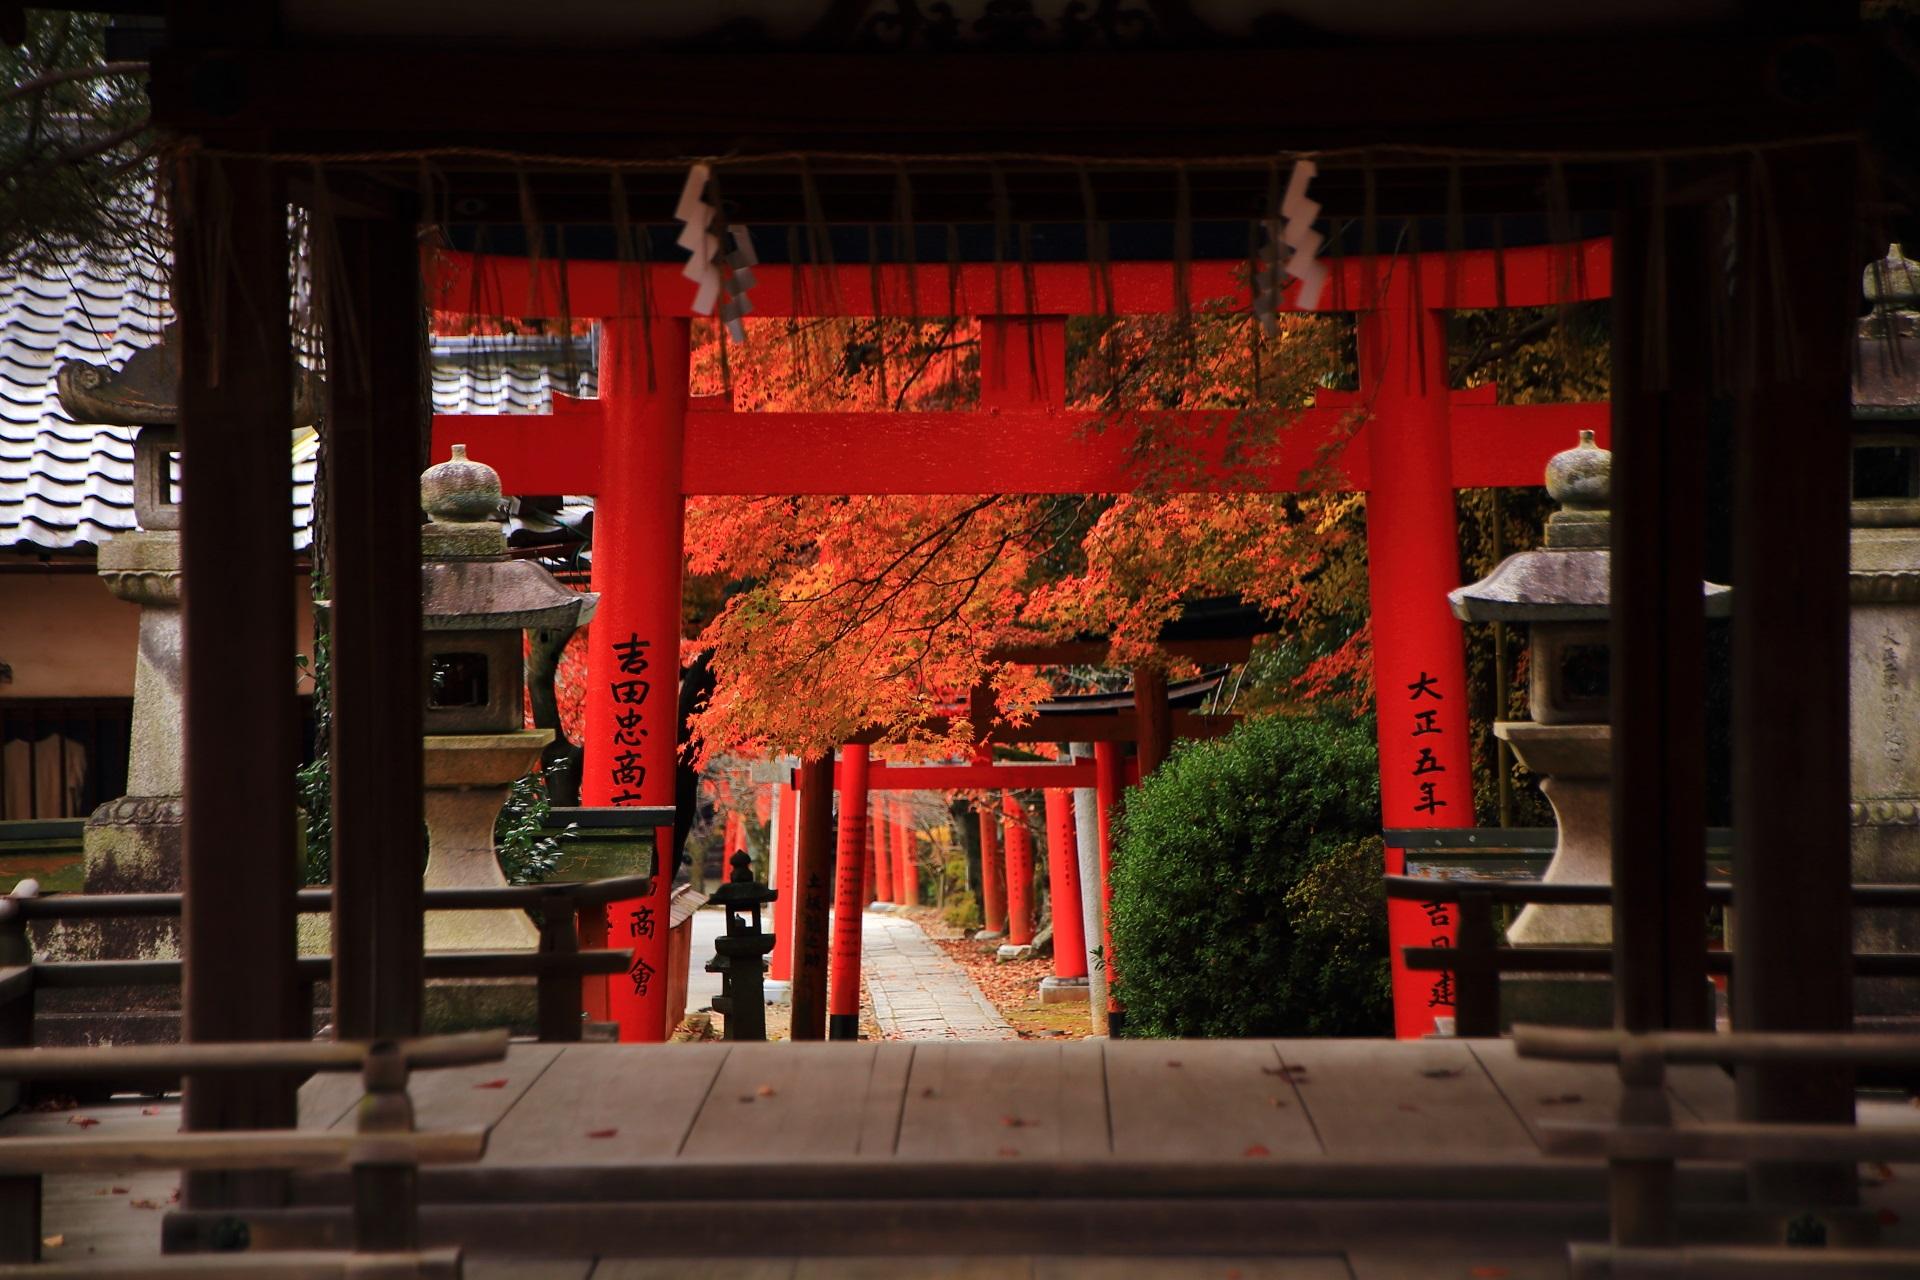 竹中稲荷神社の拝殿越しに眺めた鳥居と参道と鮮やかな紅葉